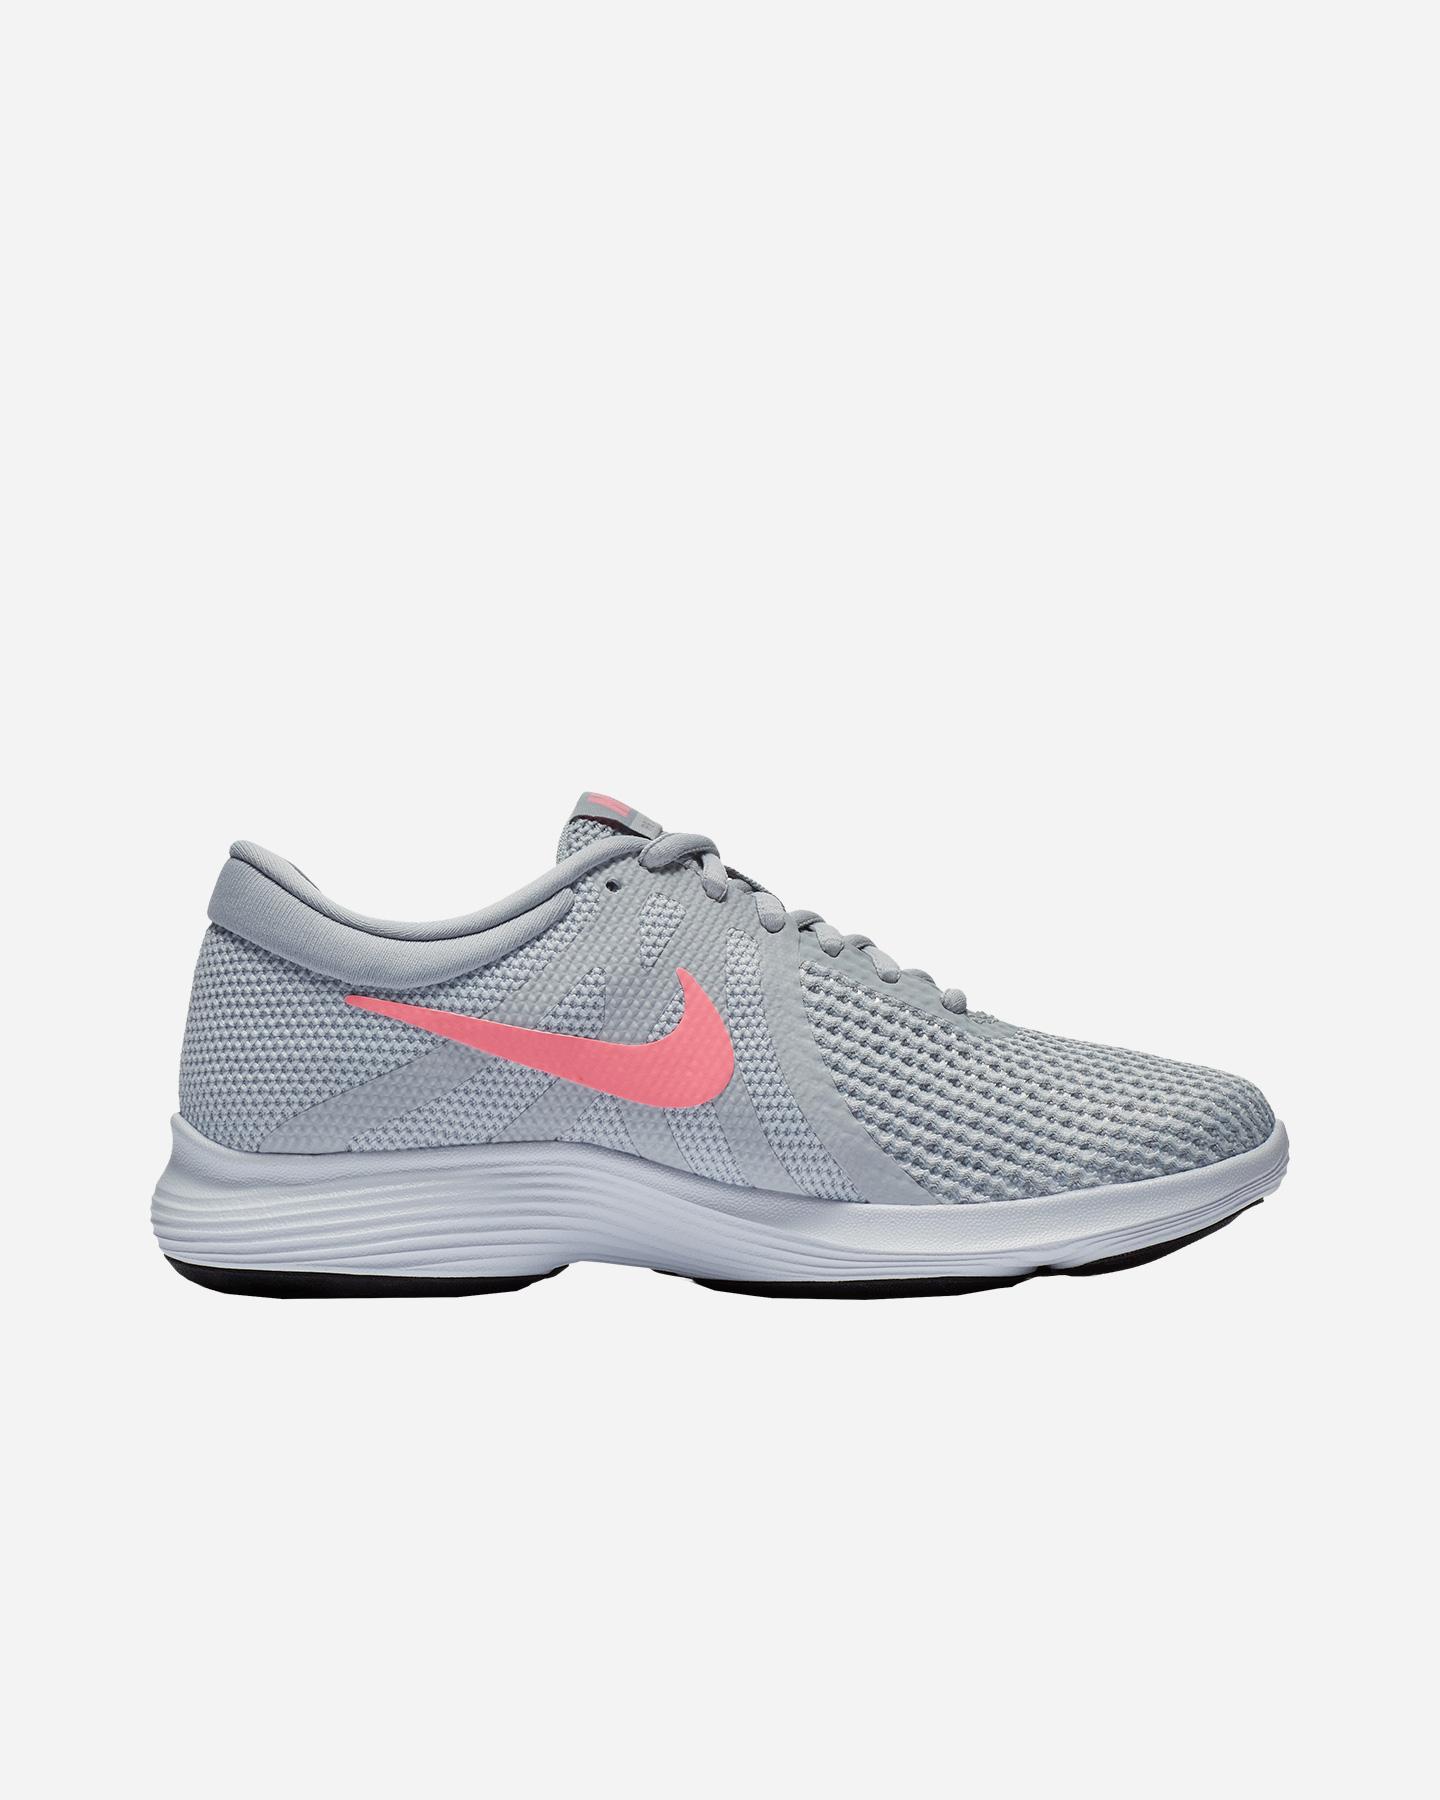 Su Sport W 011 Revolution Scarpe Running Nike Cisalfa 4 Aj3491 xSaRwqg